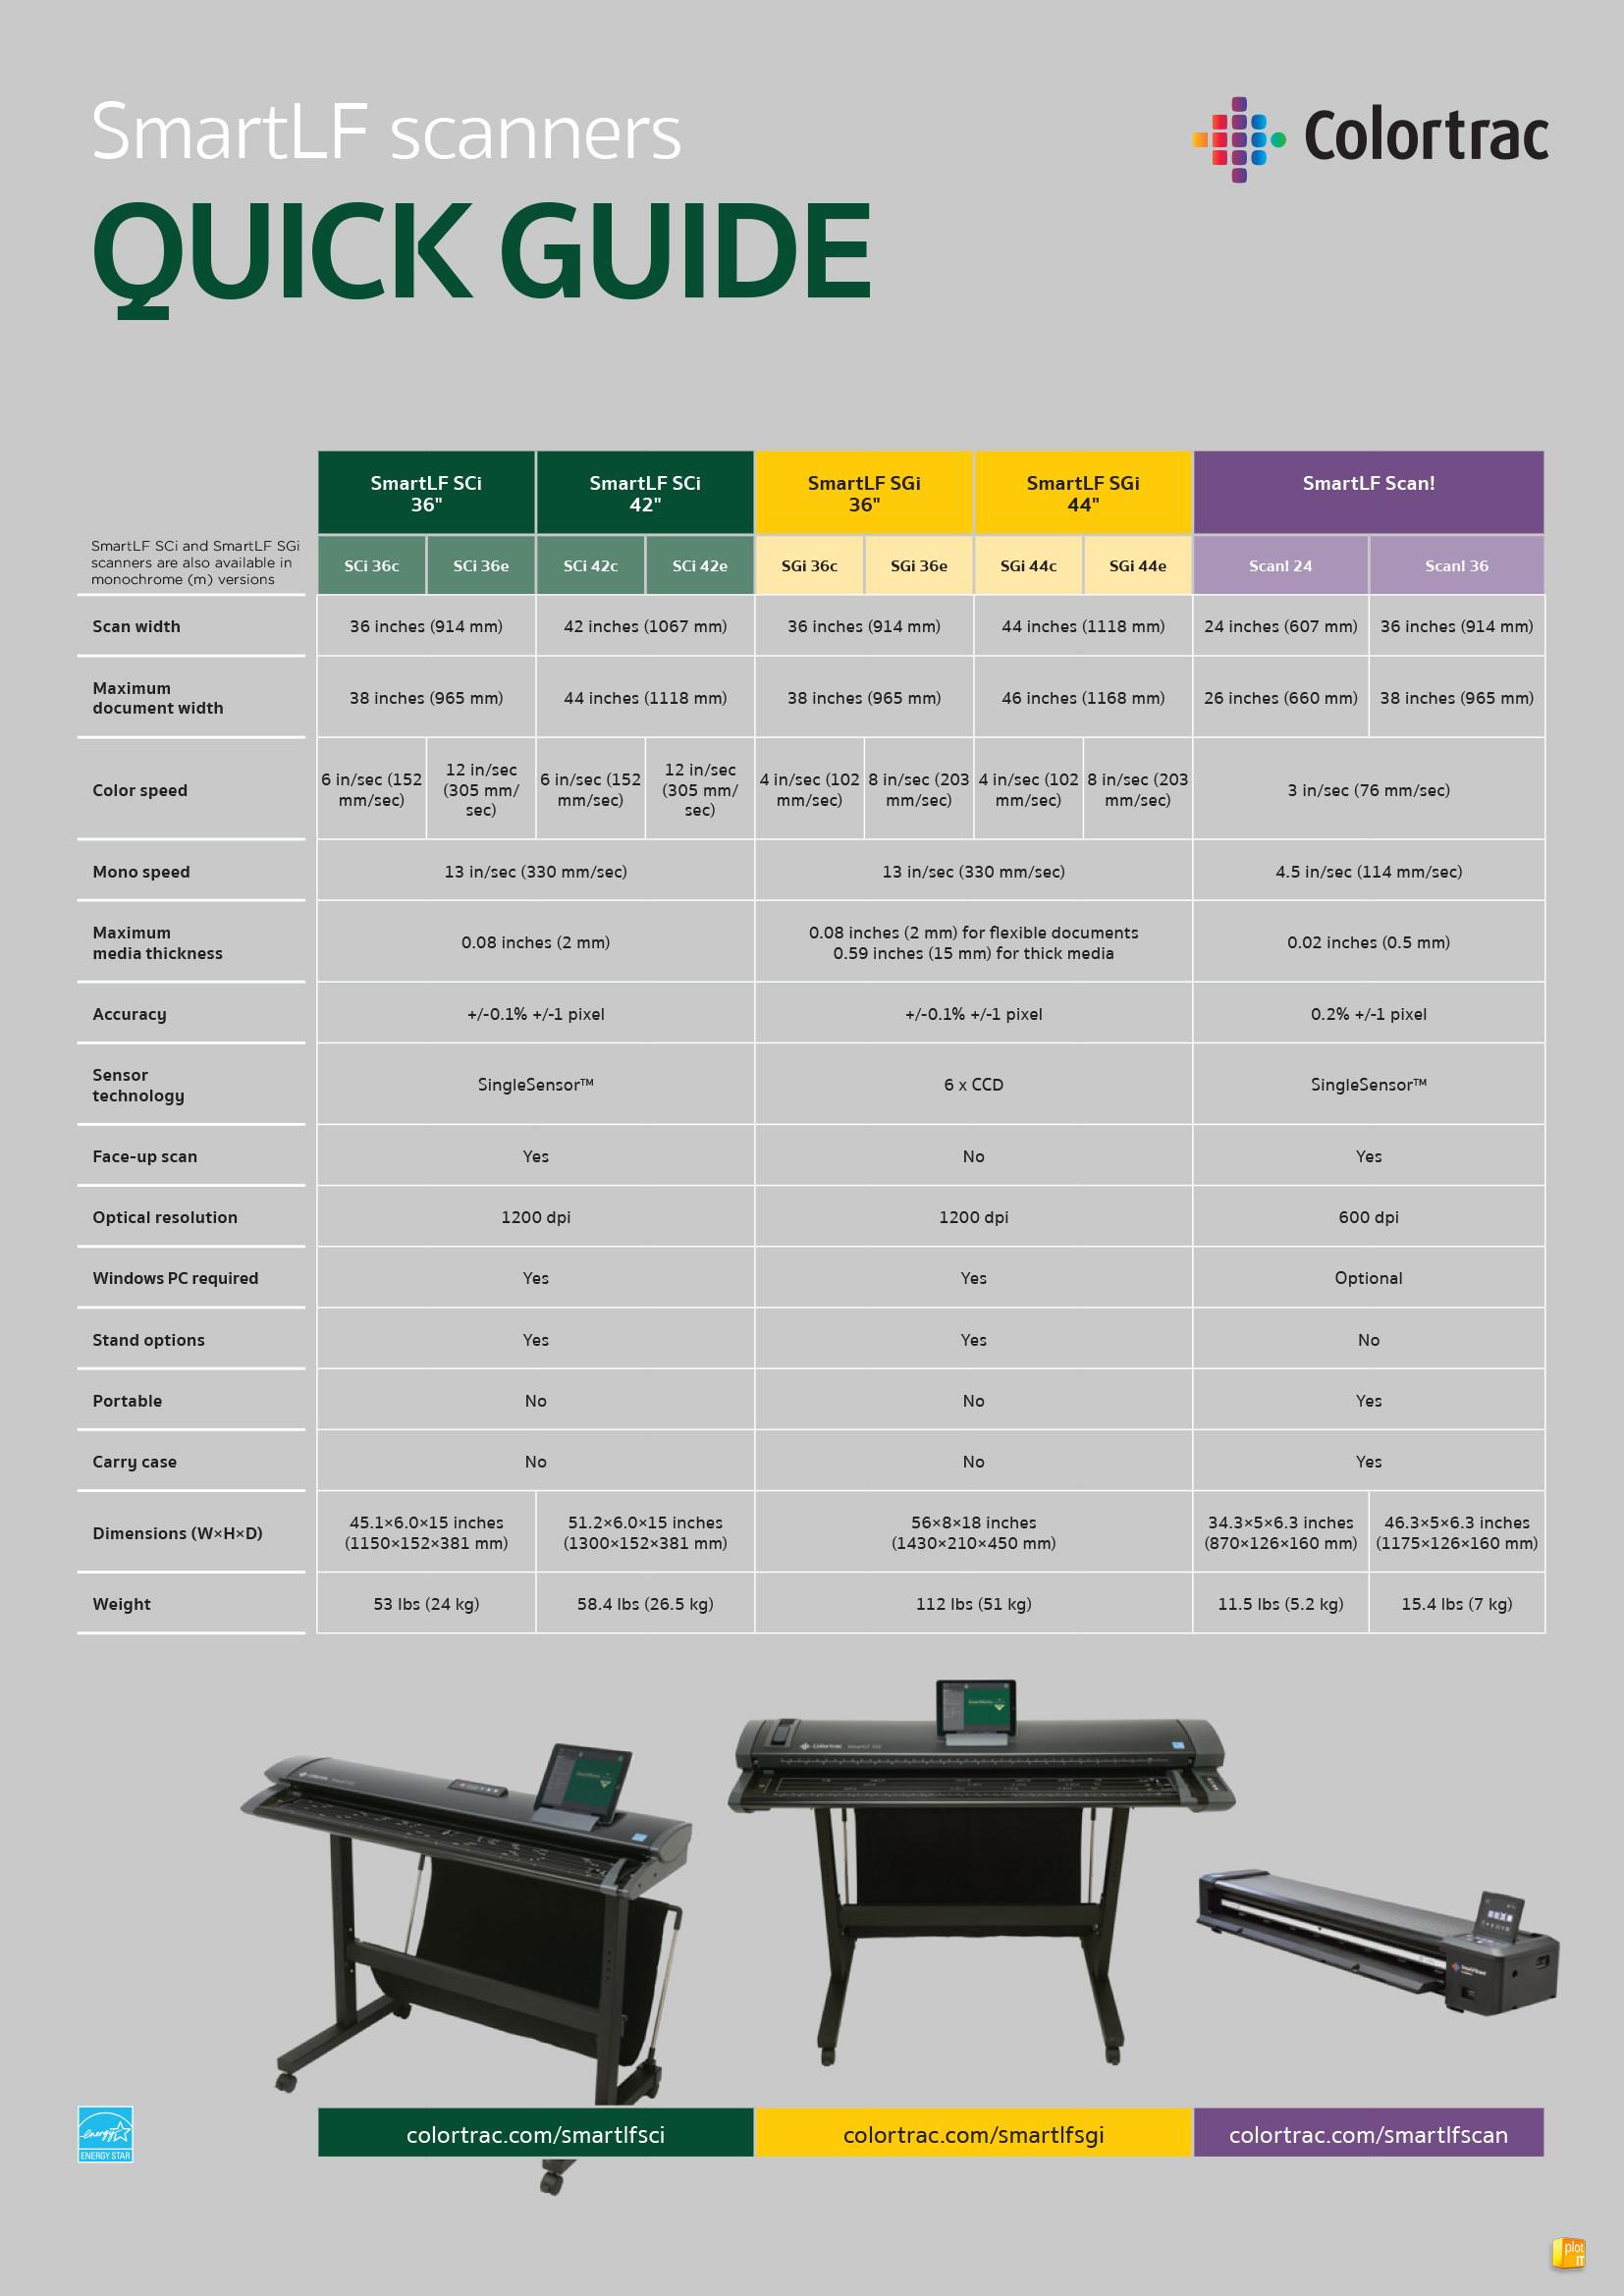 COLORTRAC SCi Series Comparison Guide